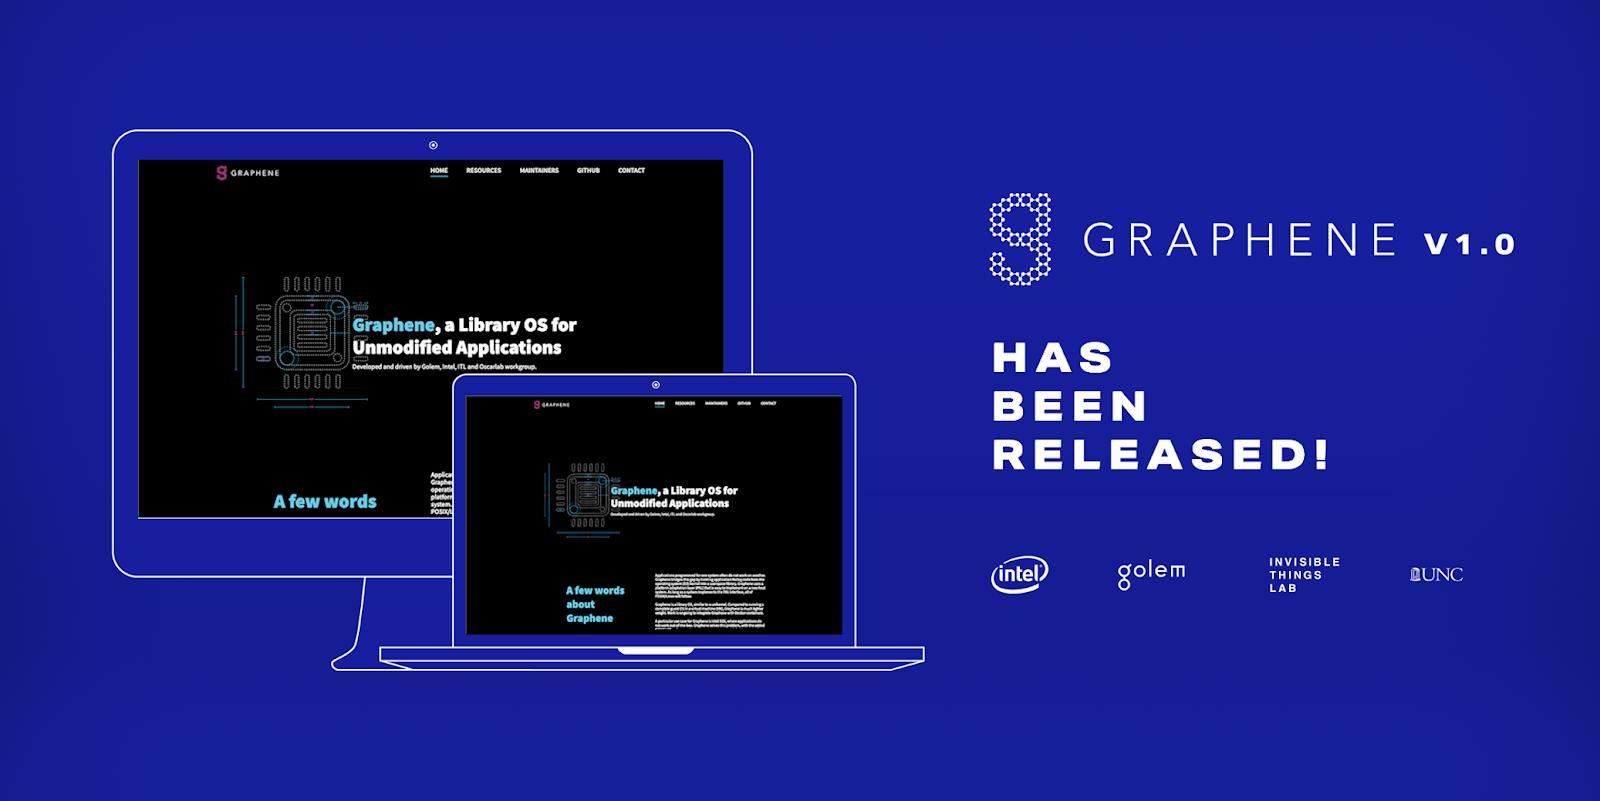 Graphene v1.0 has been released!